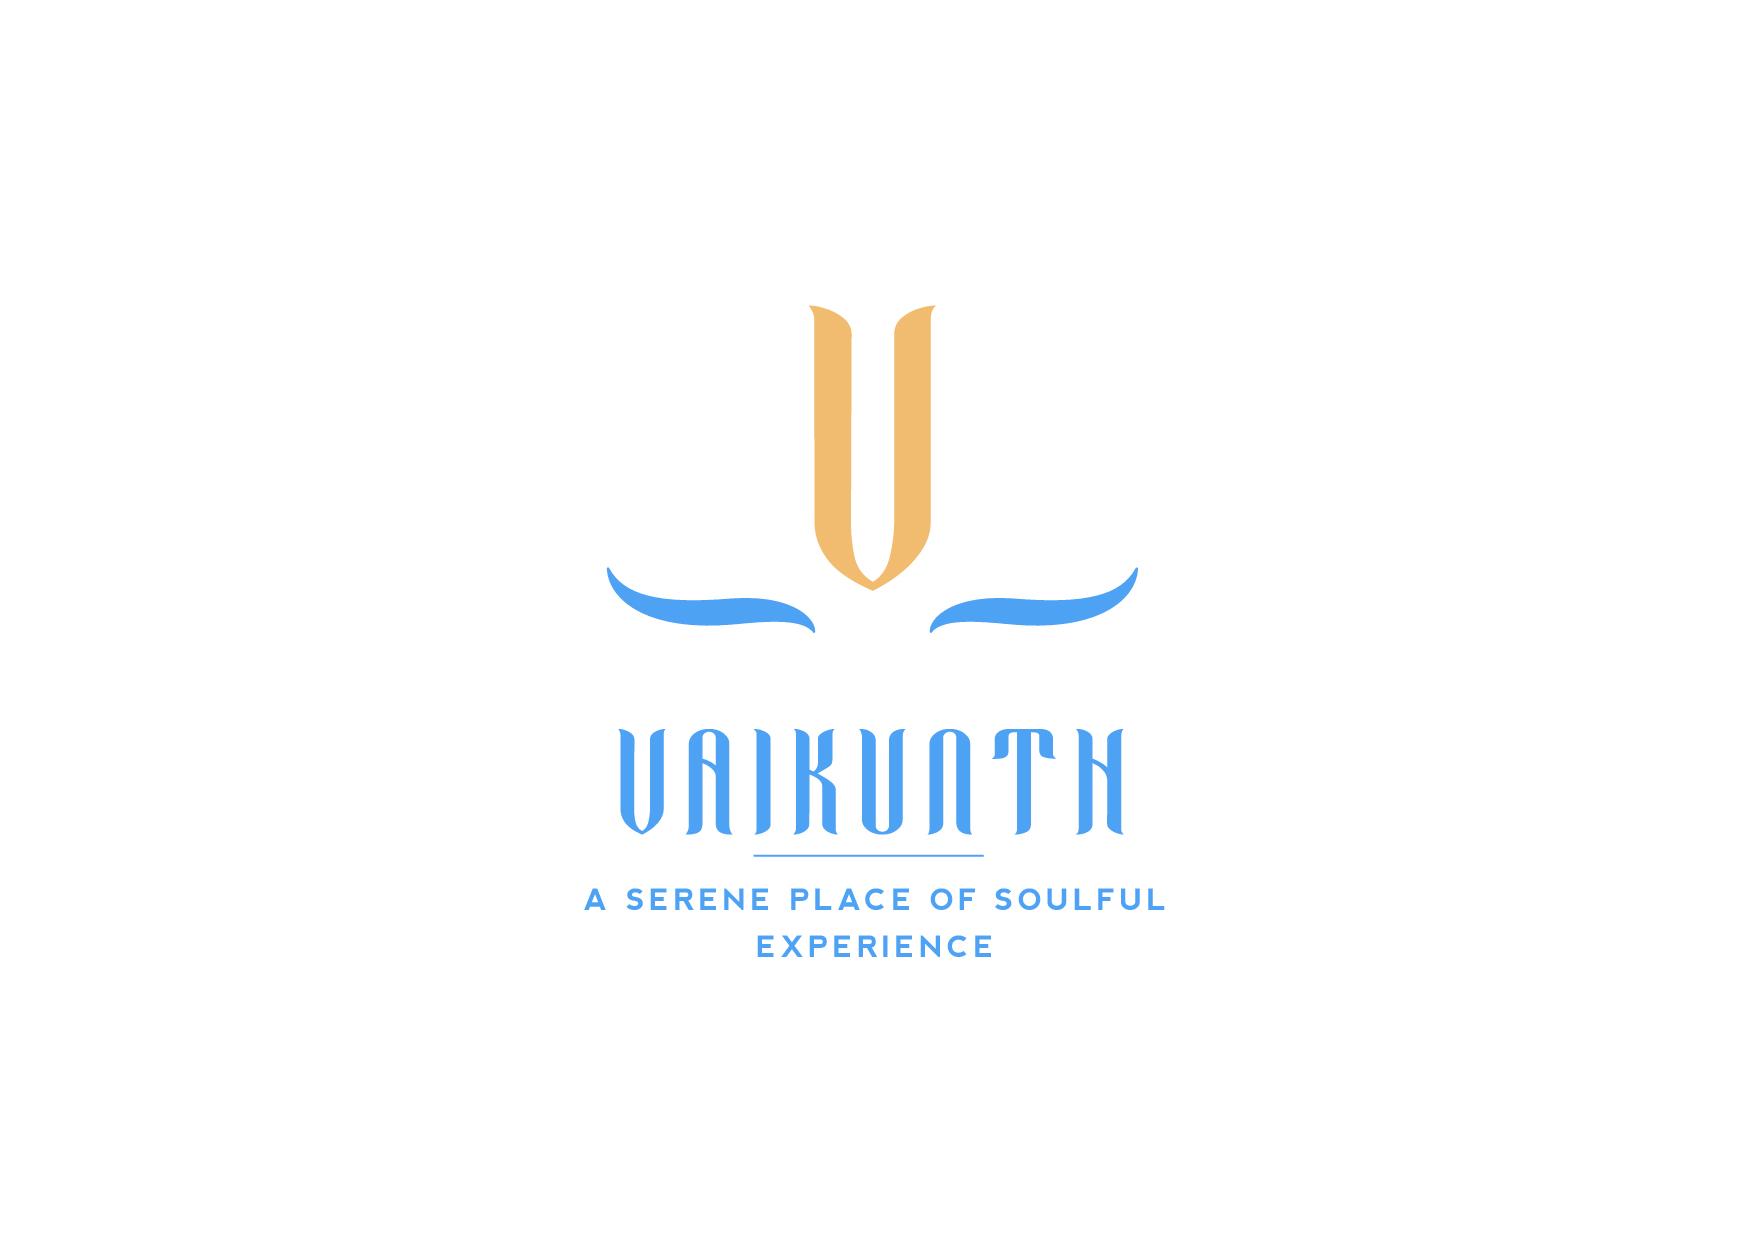 vaikunth logo-01